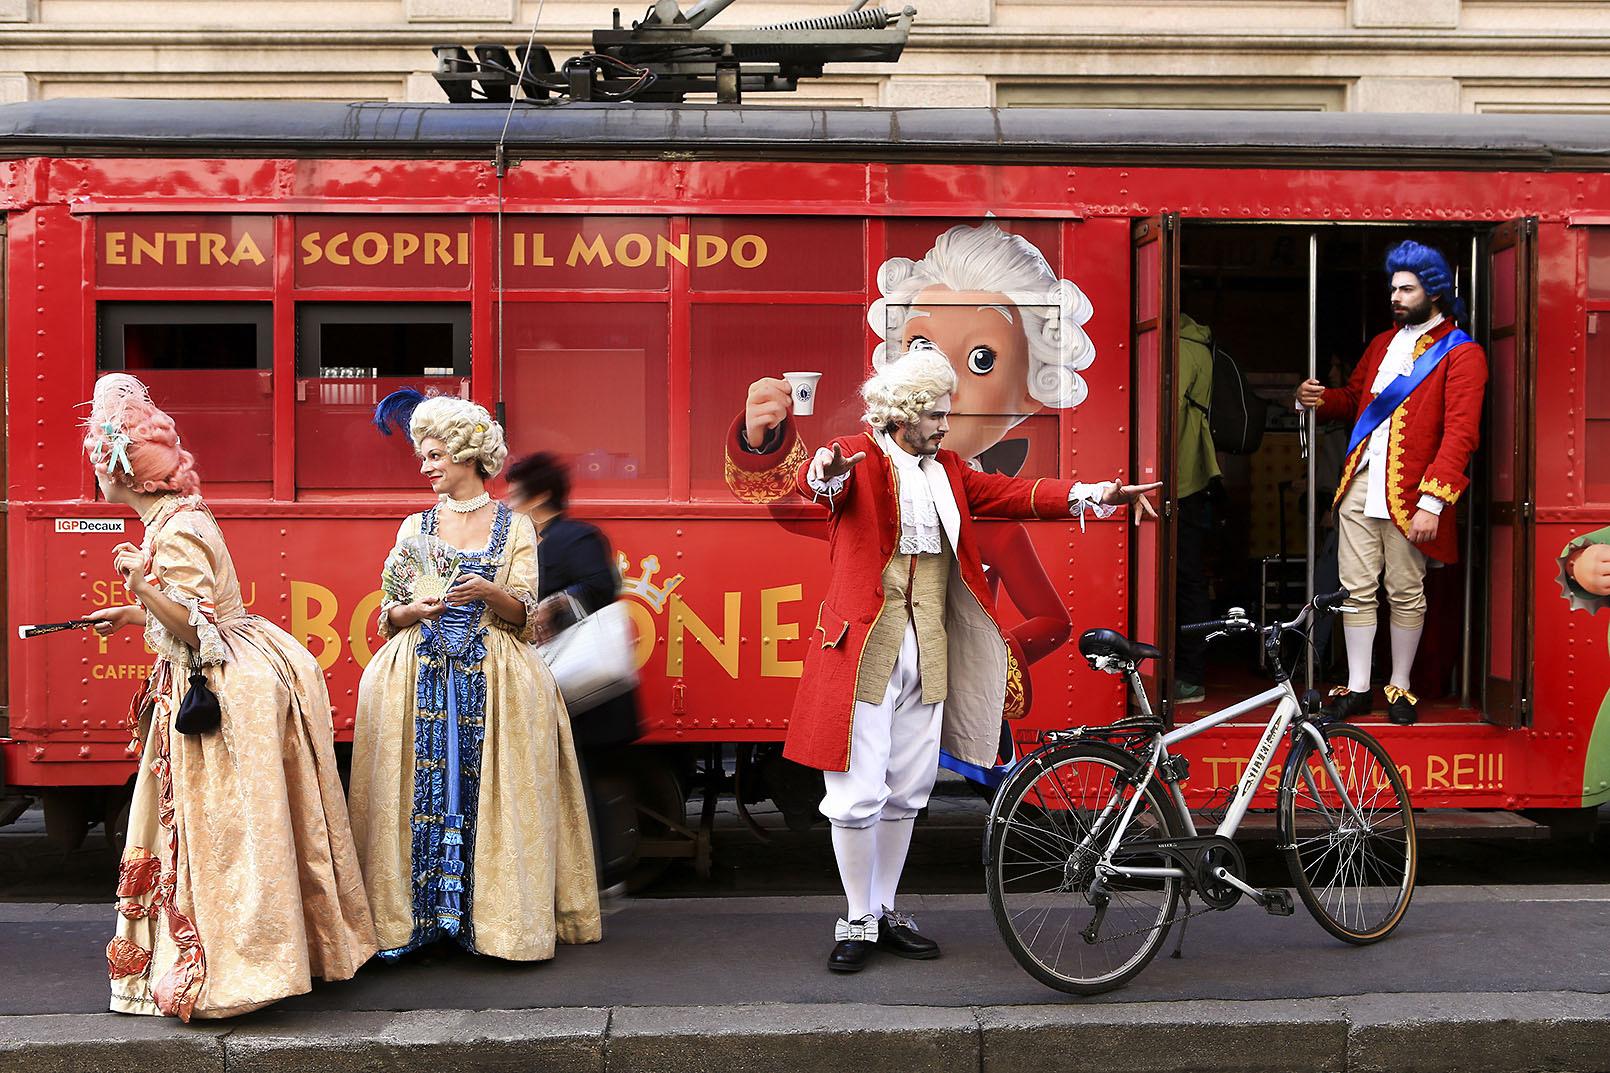 Pubblicità OOH IGPDecaux tram speciale per caffè Borbone